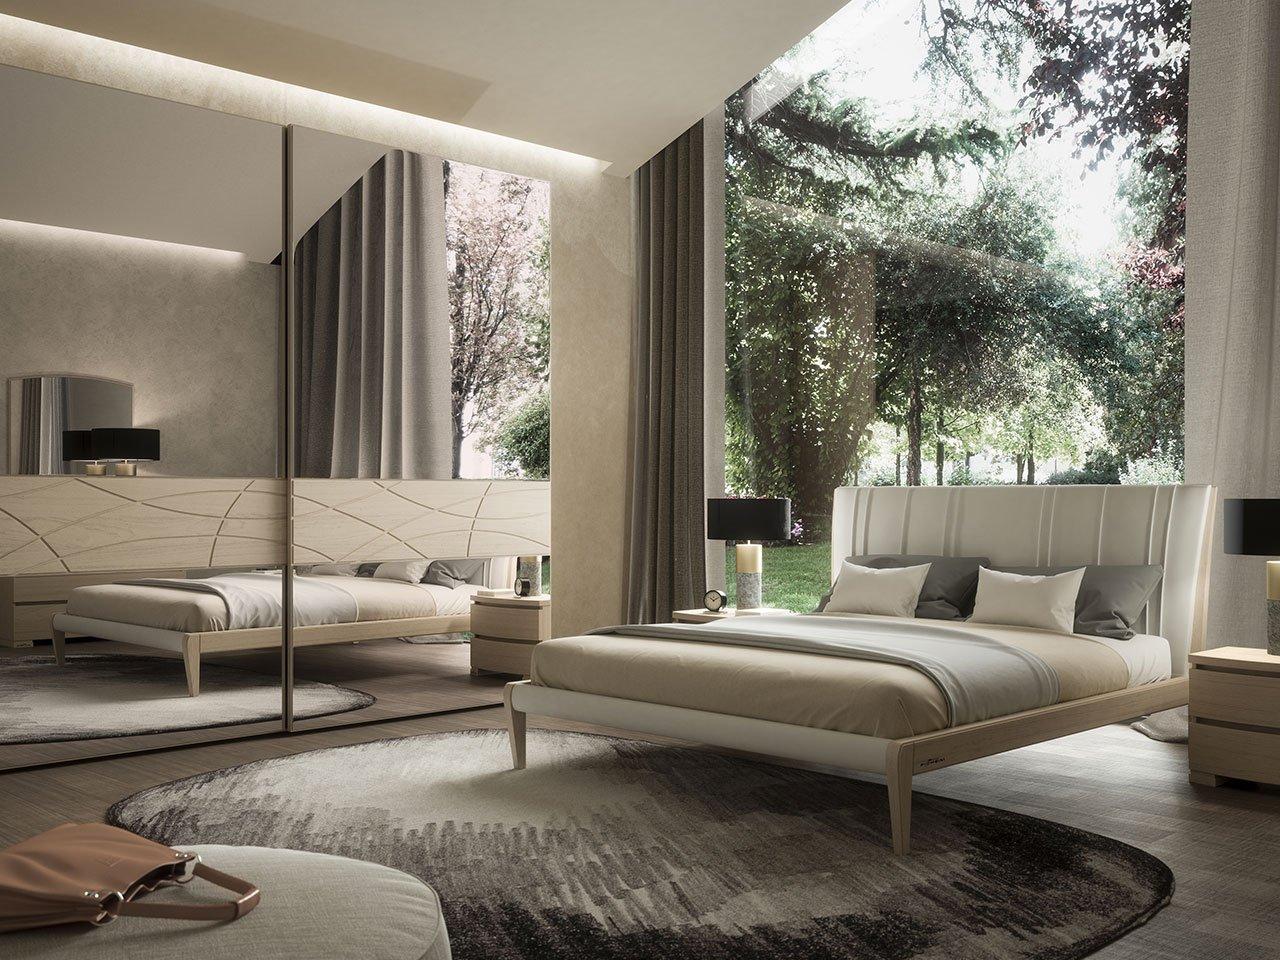 camera da letto Piombini Modigliani - mobili Battipaglia